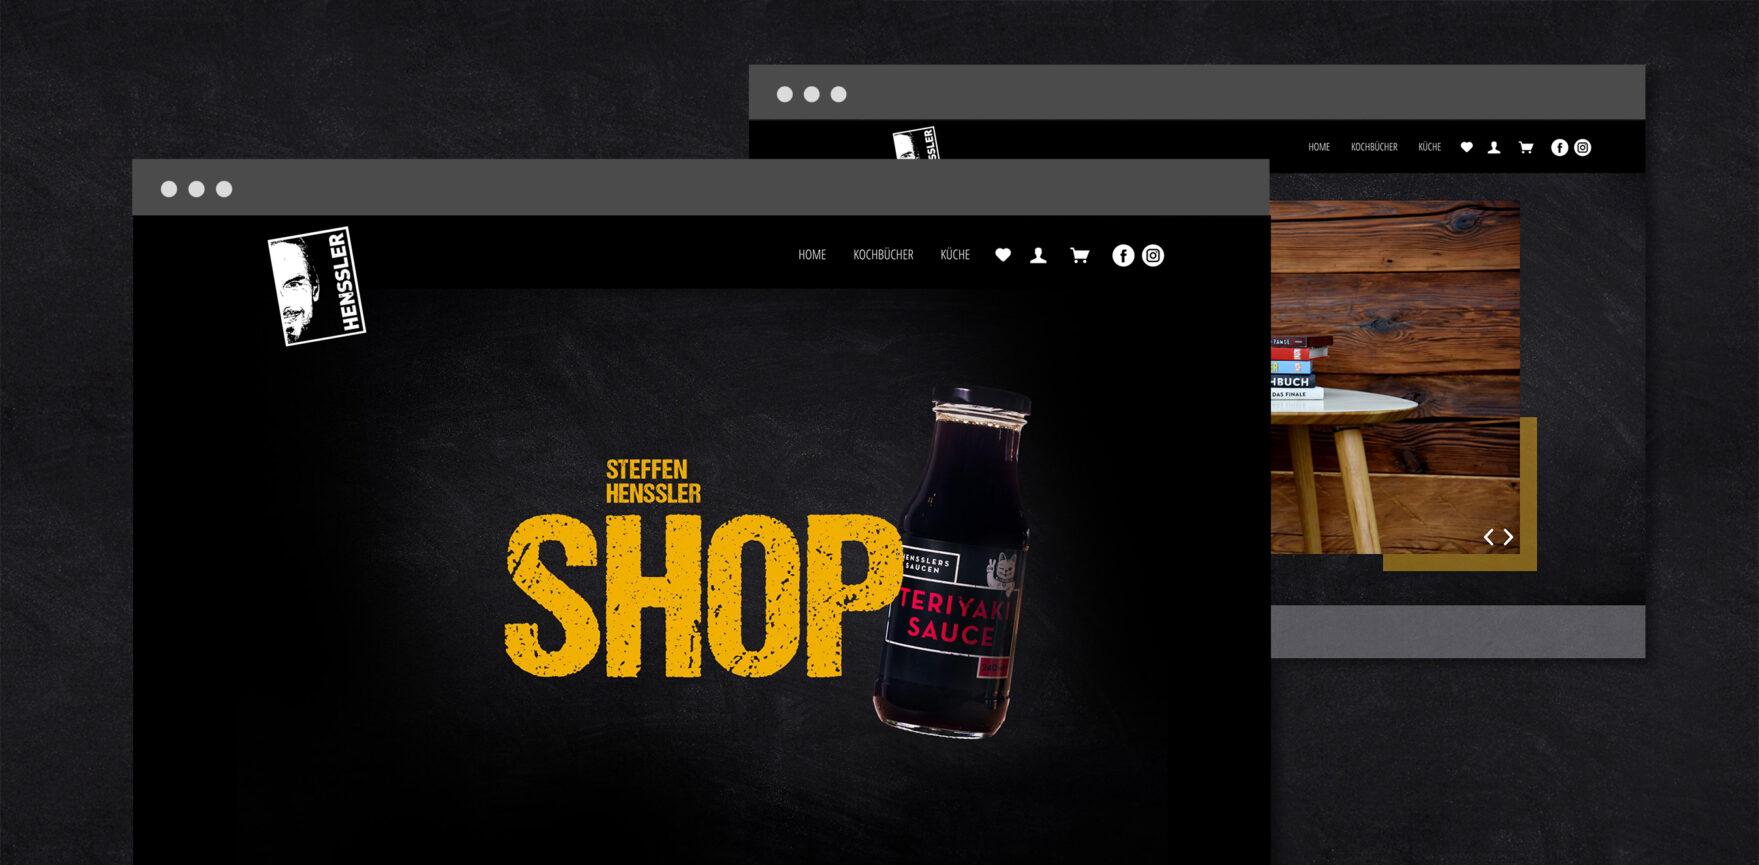 Home Site Onlineshop inklusive Steffen Henssler Terijaki Sosse